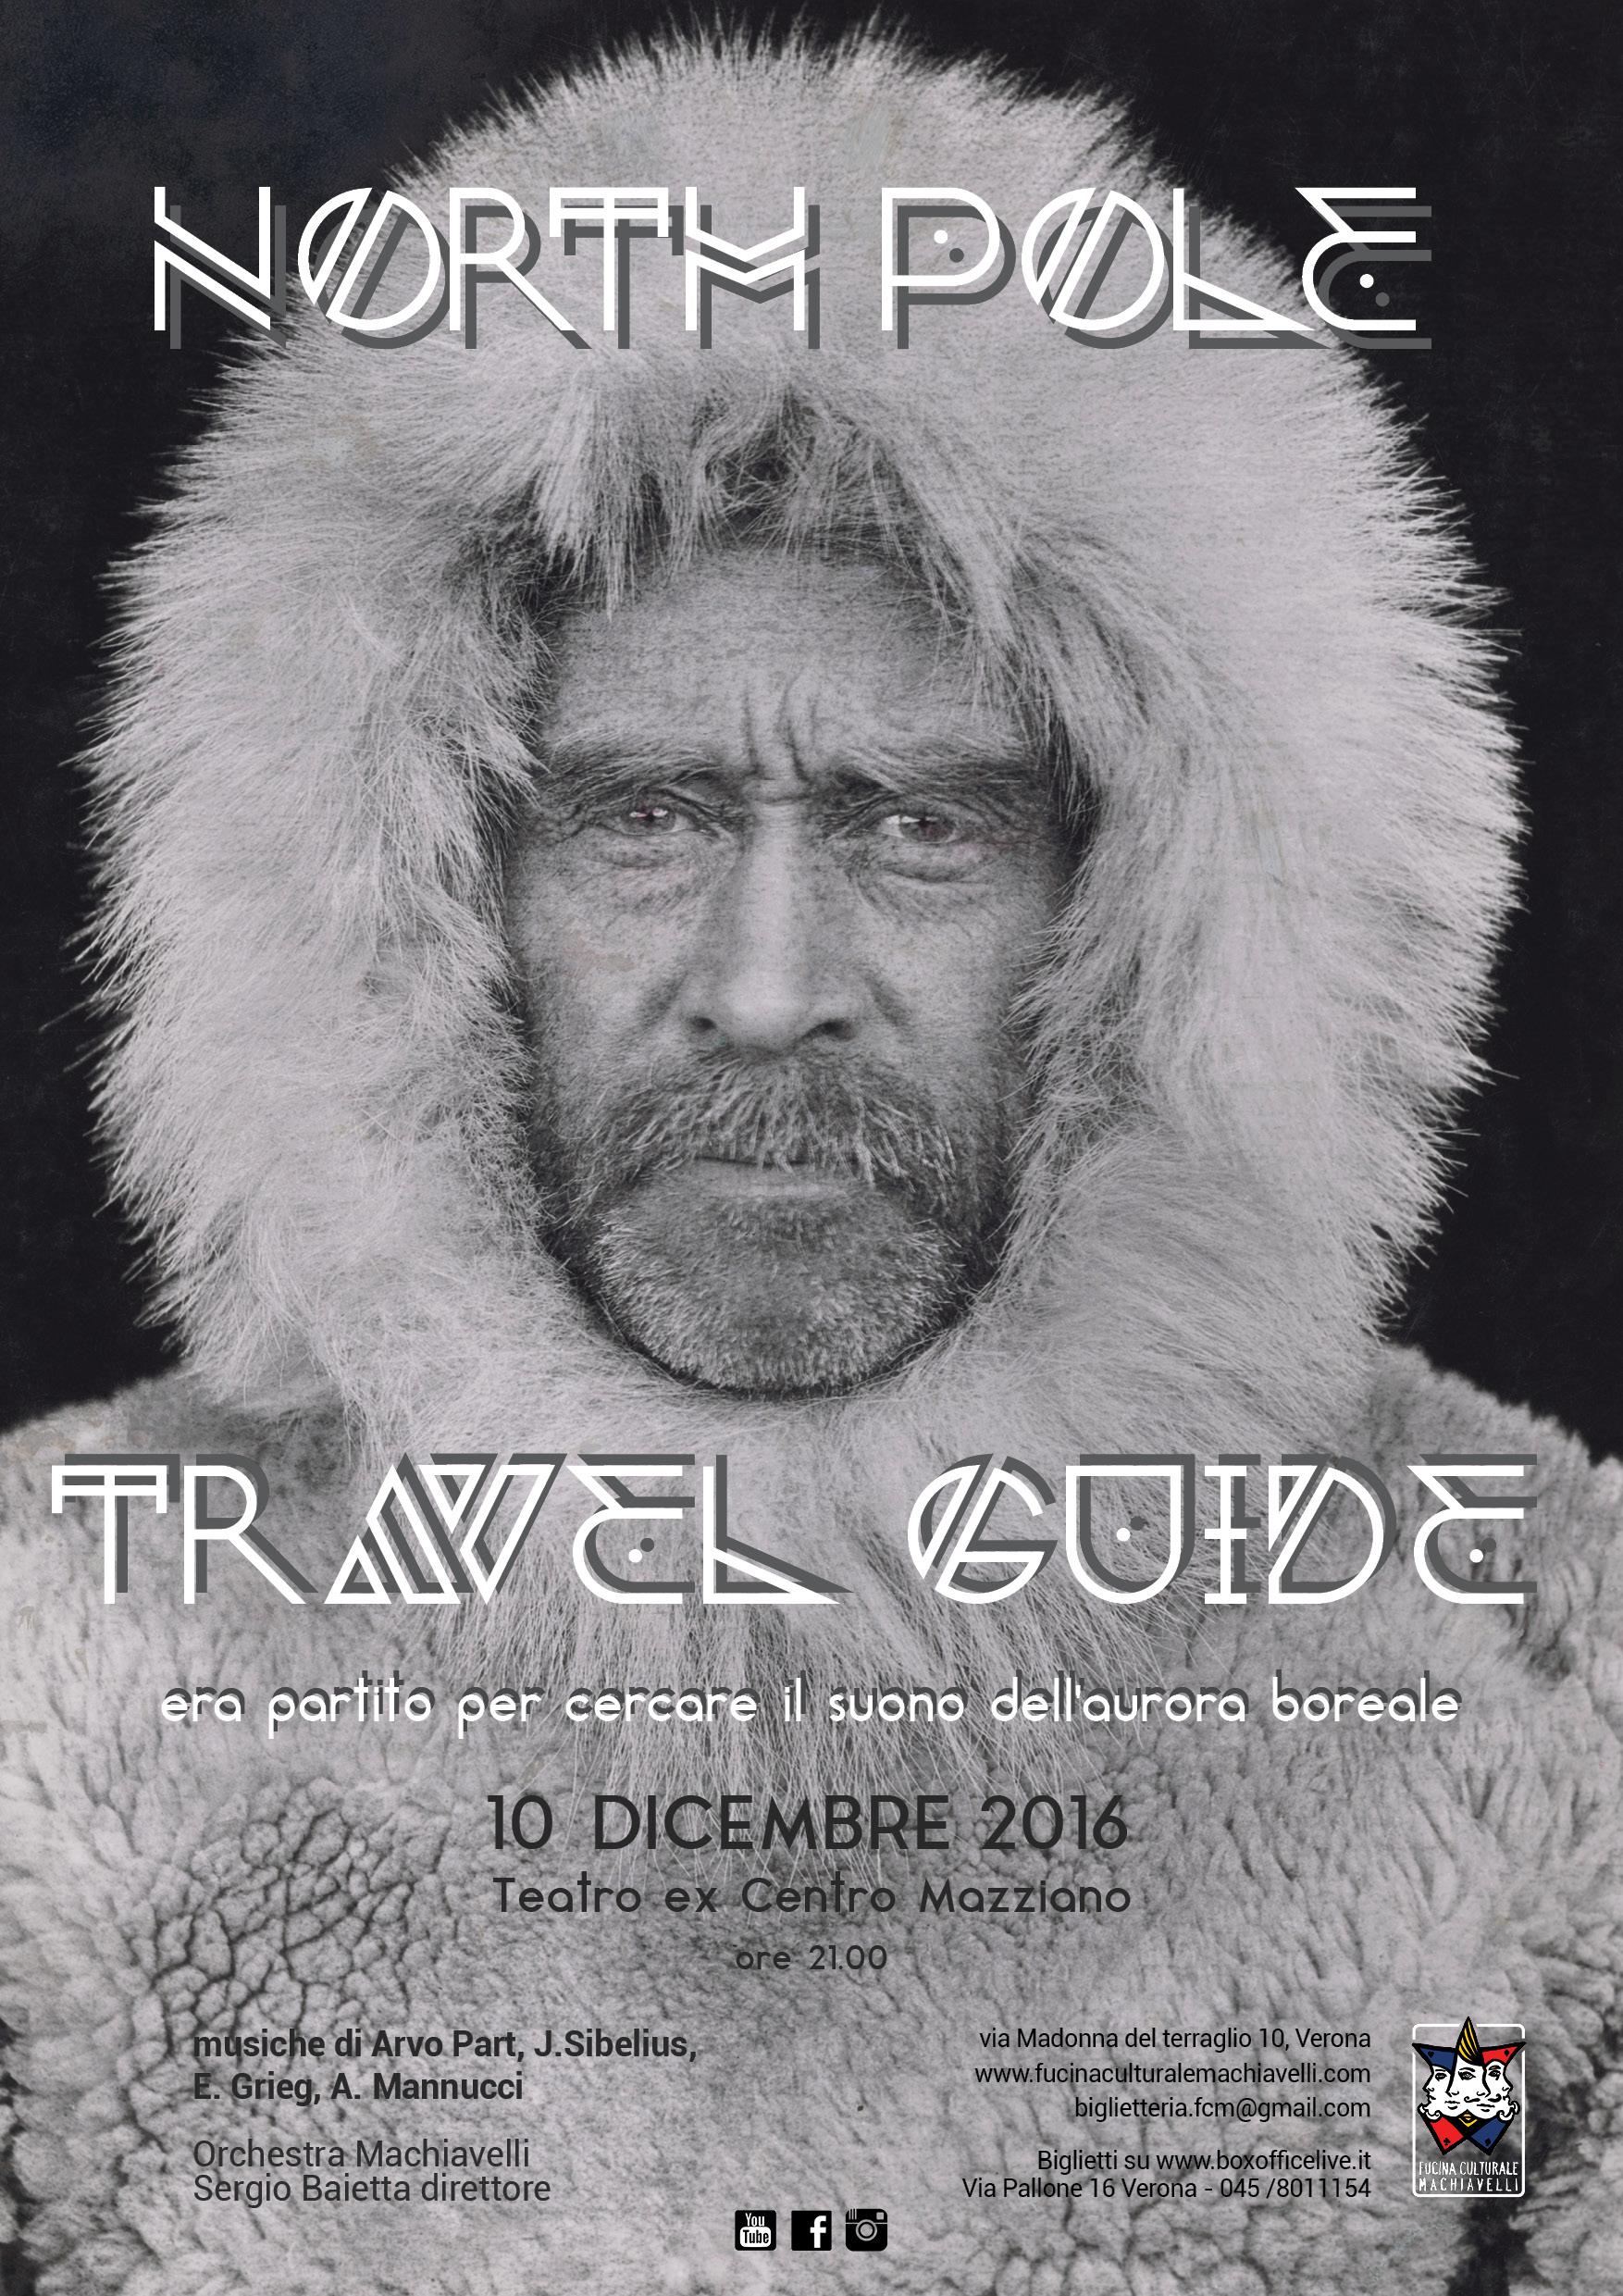 North pole travel guide il prossimo concerto dell'orchestra machiavelli a dicembre